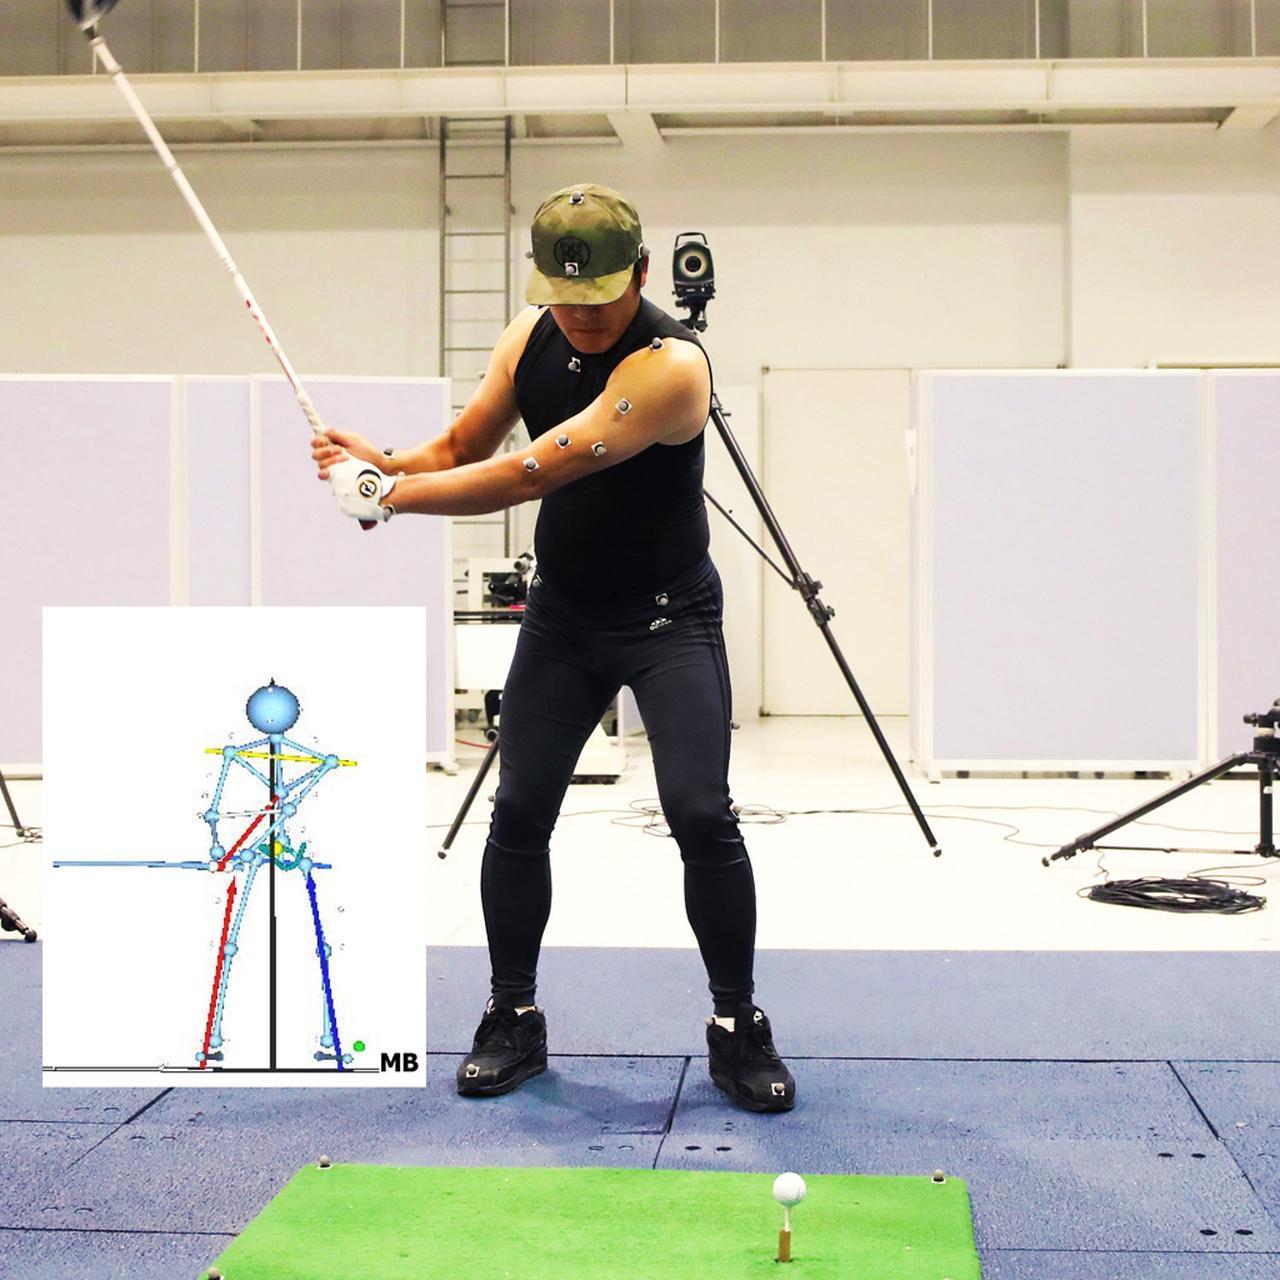 画像8: 【チェ・ホソン】反力打法のDr.クォンがフィッシャーマンズスウィングを解剖。片足で回ると飛距離が伸びるその仕組み